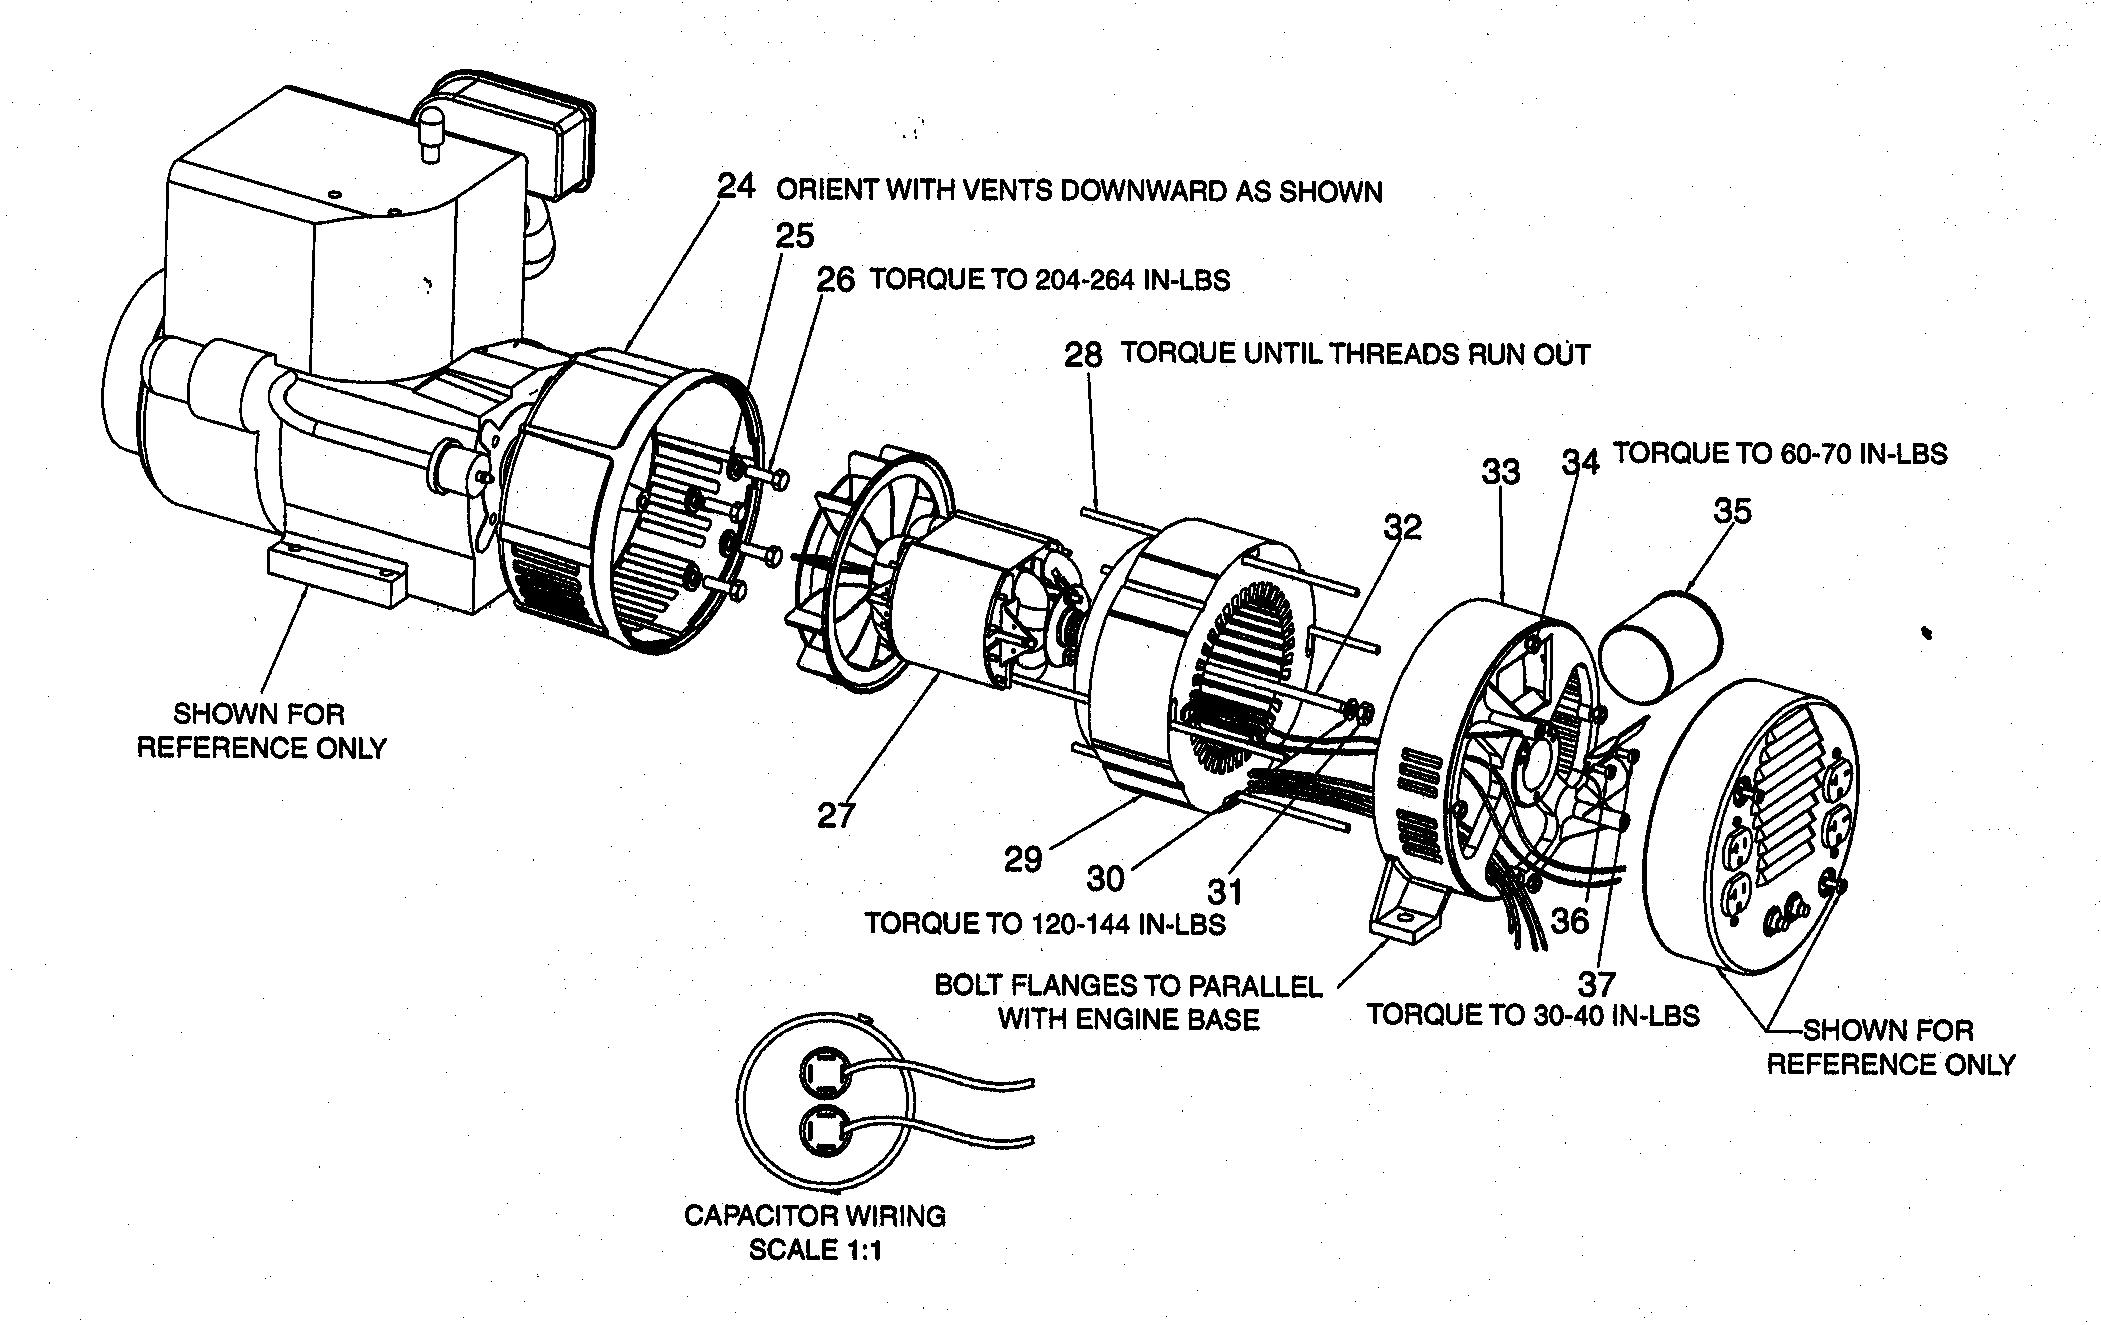 ENGINE Diagram & Parts List for Model GBVE8000 Devilbiss